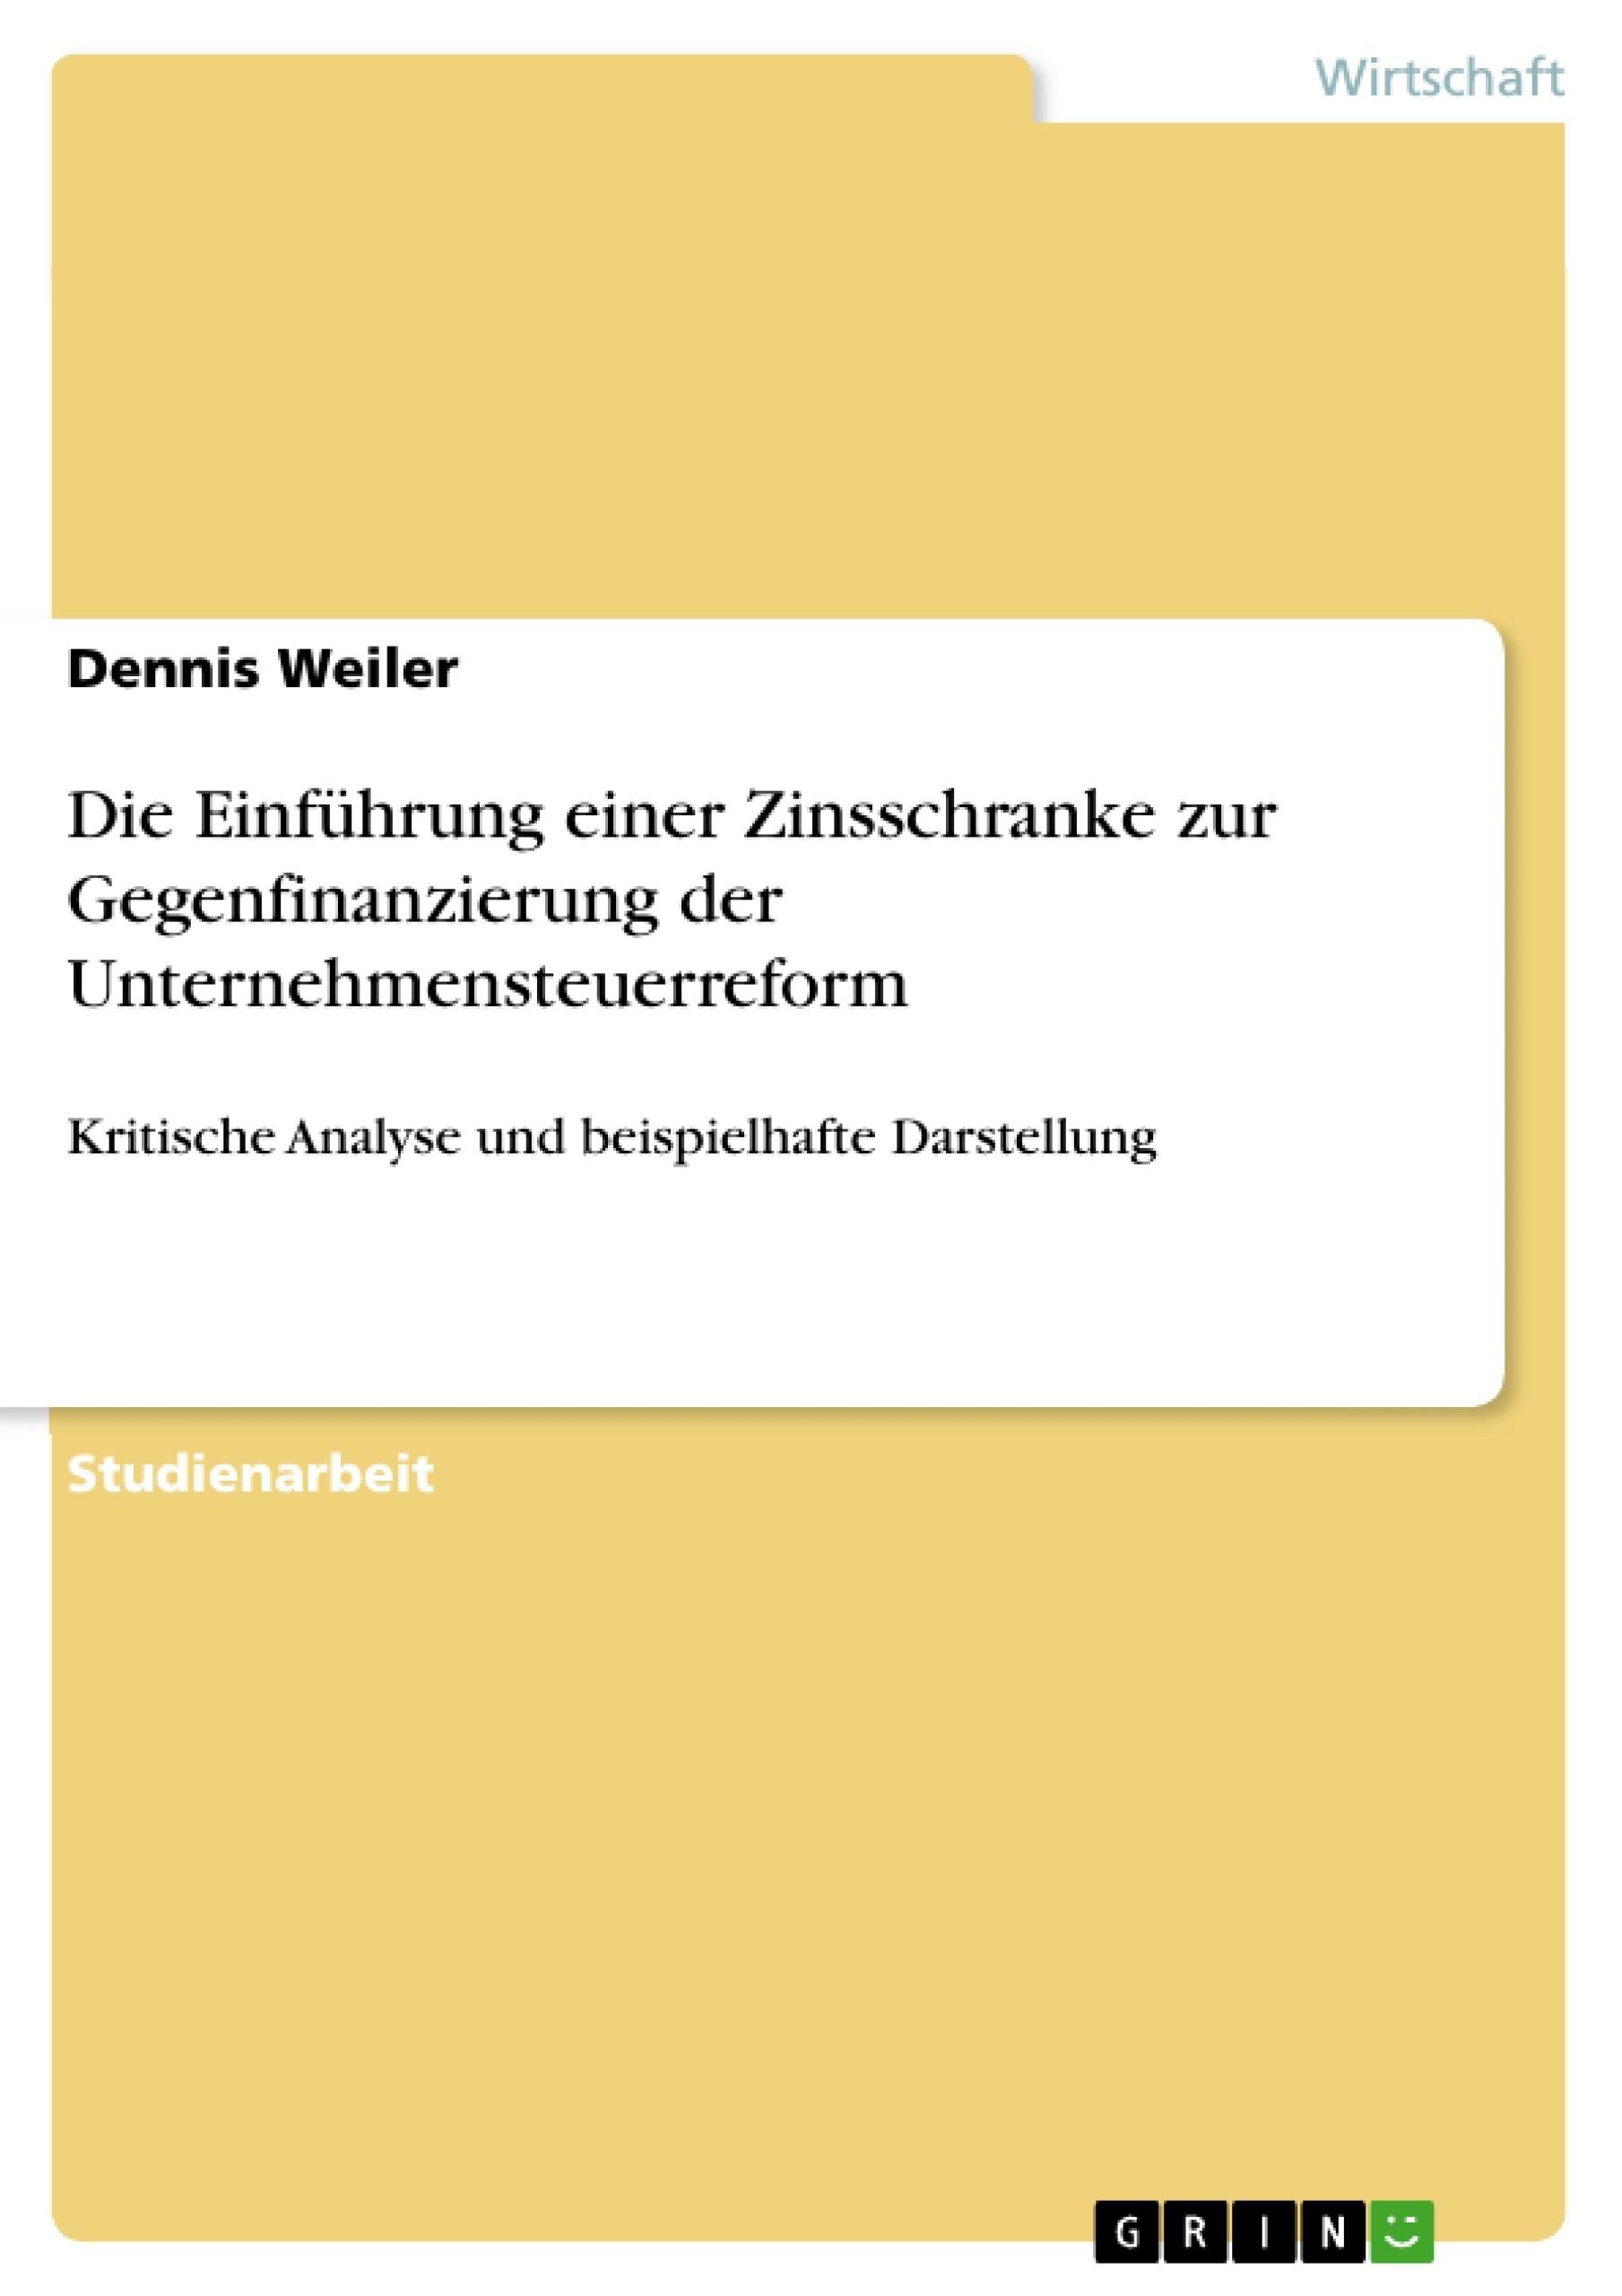 Titel: Die Einführung einer Zinsschranke zur Gegenfinanzierung der Unternehmensteuerreform